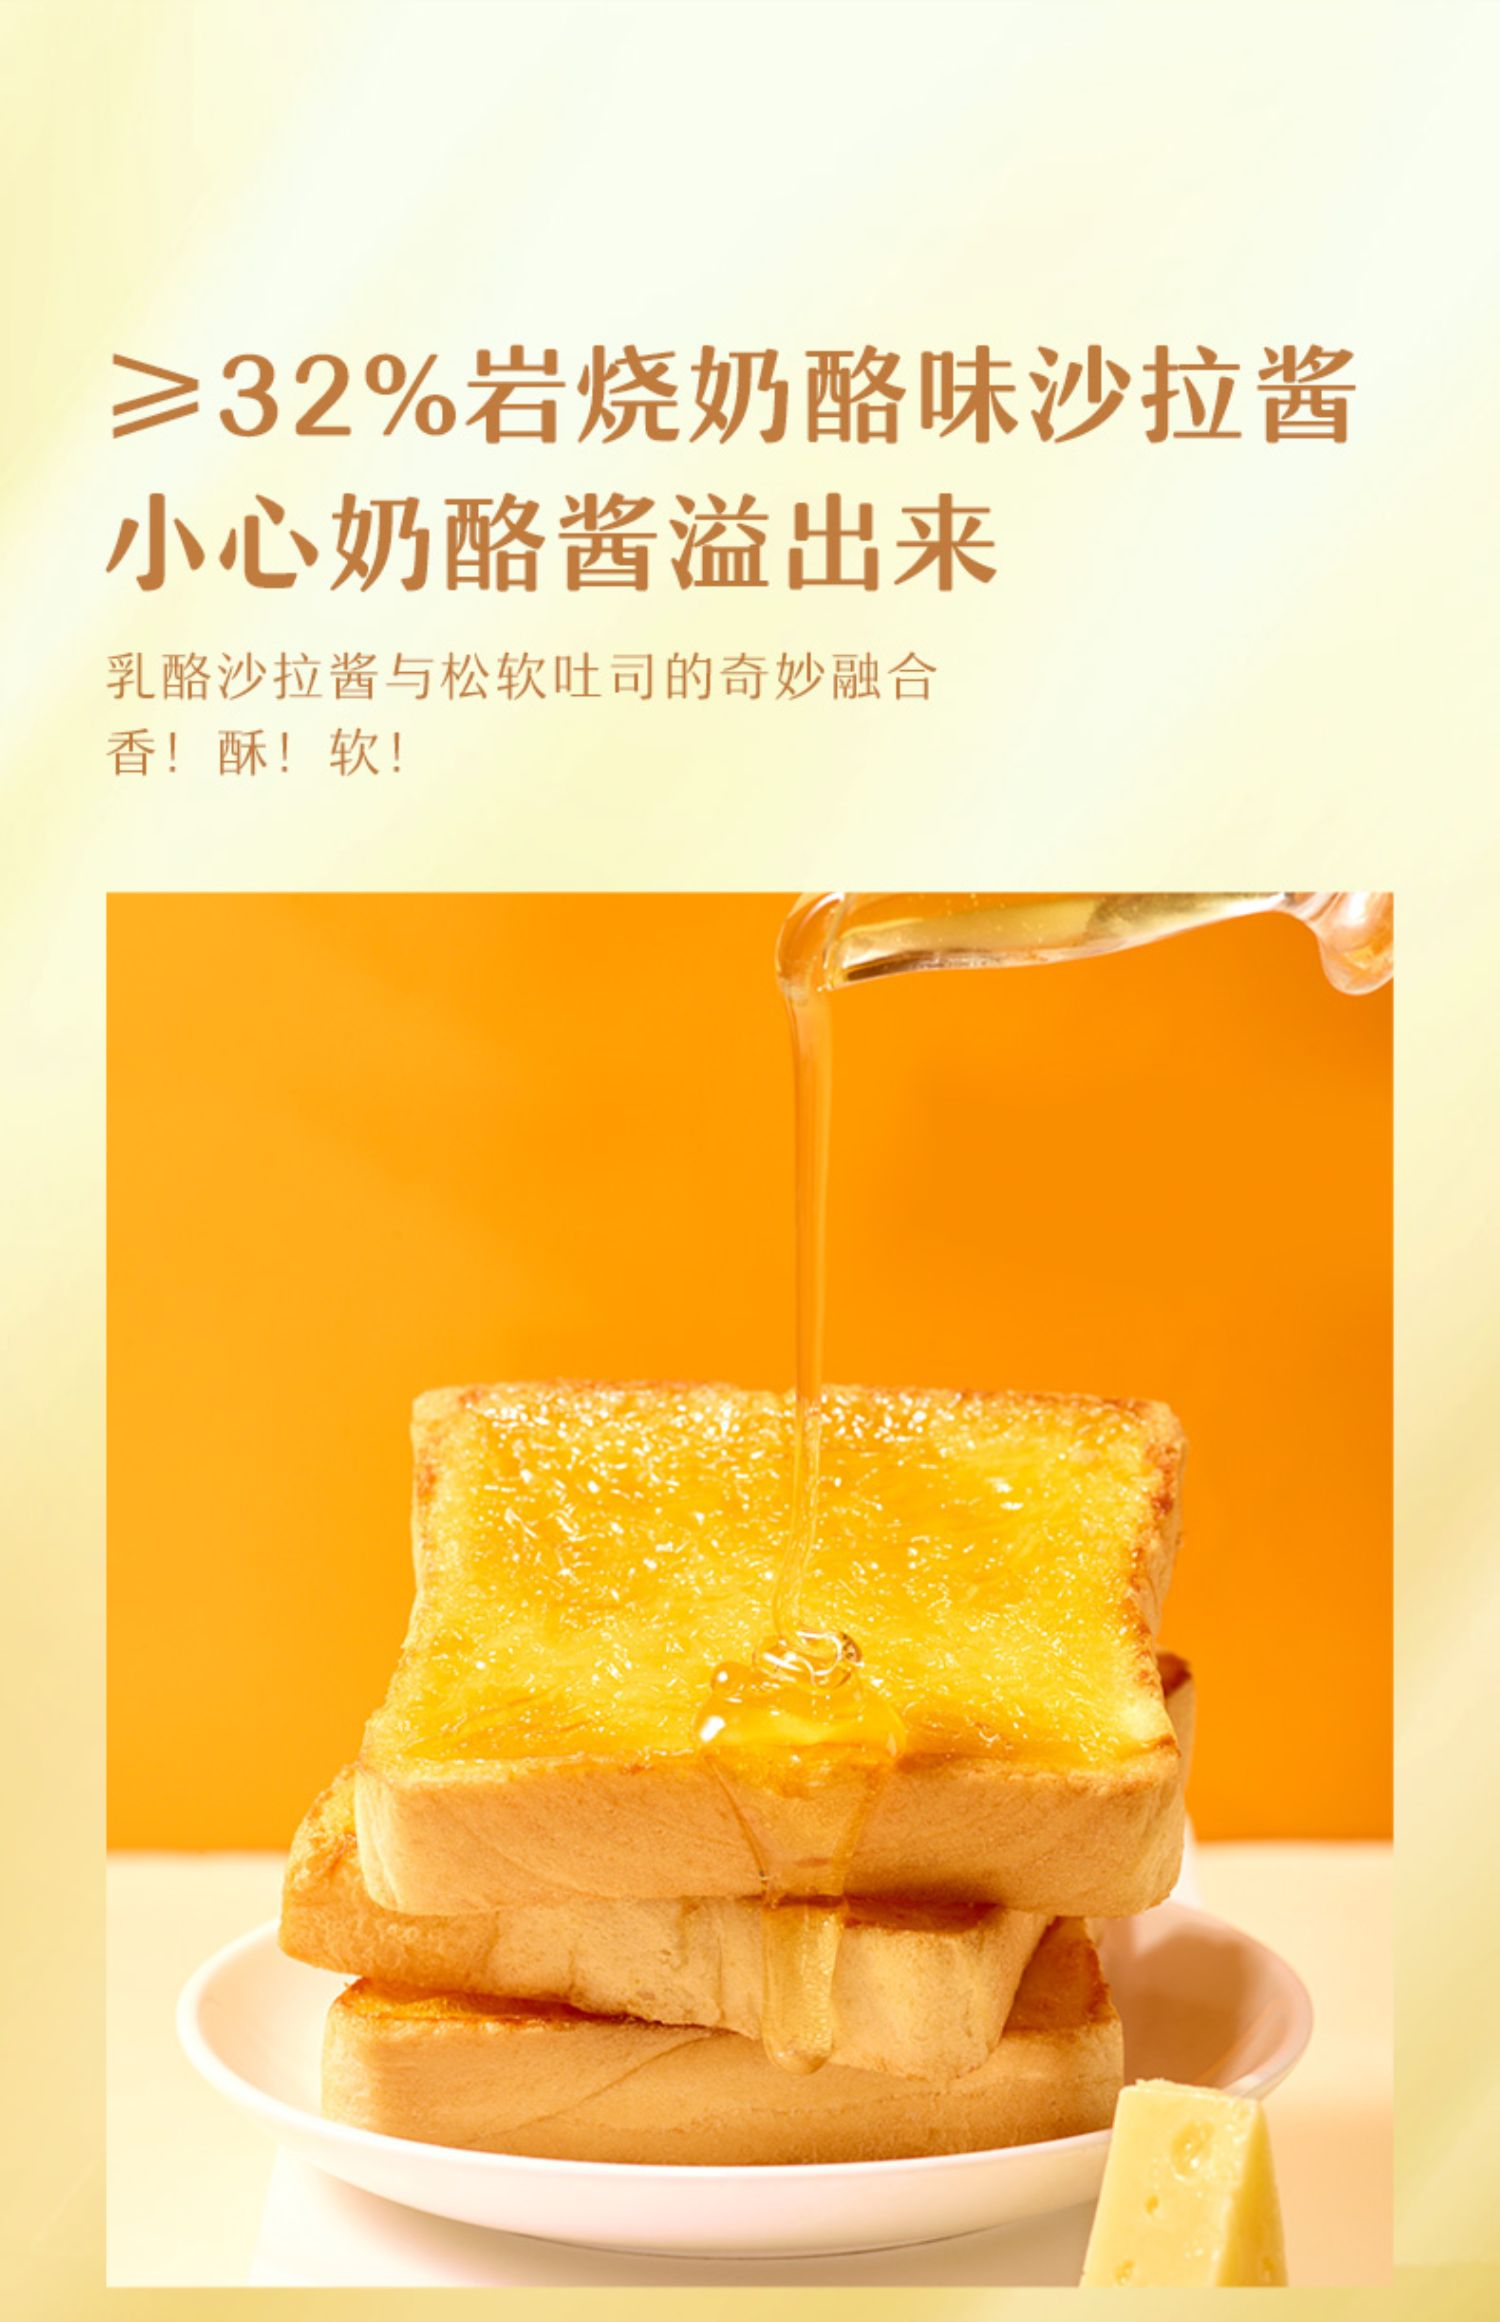 【来伊份】岩烧乳酪吐司500g